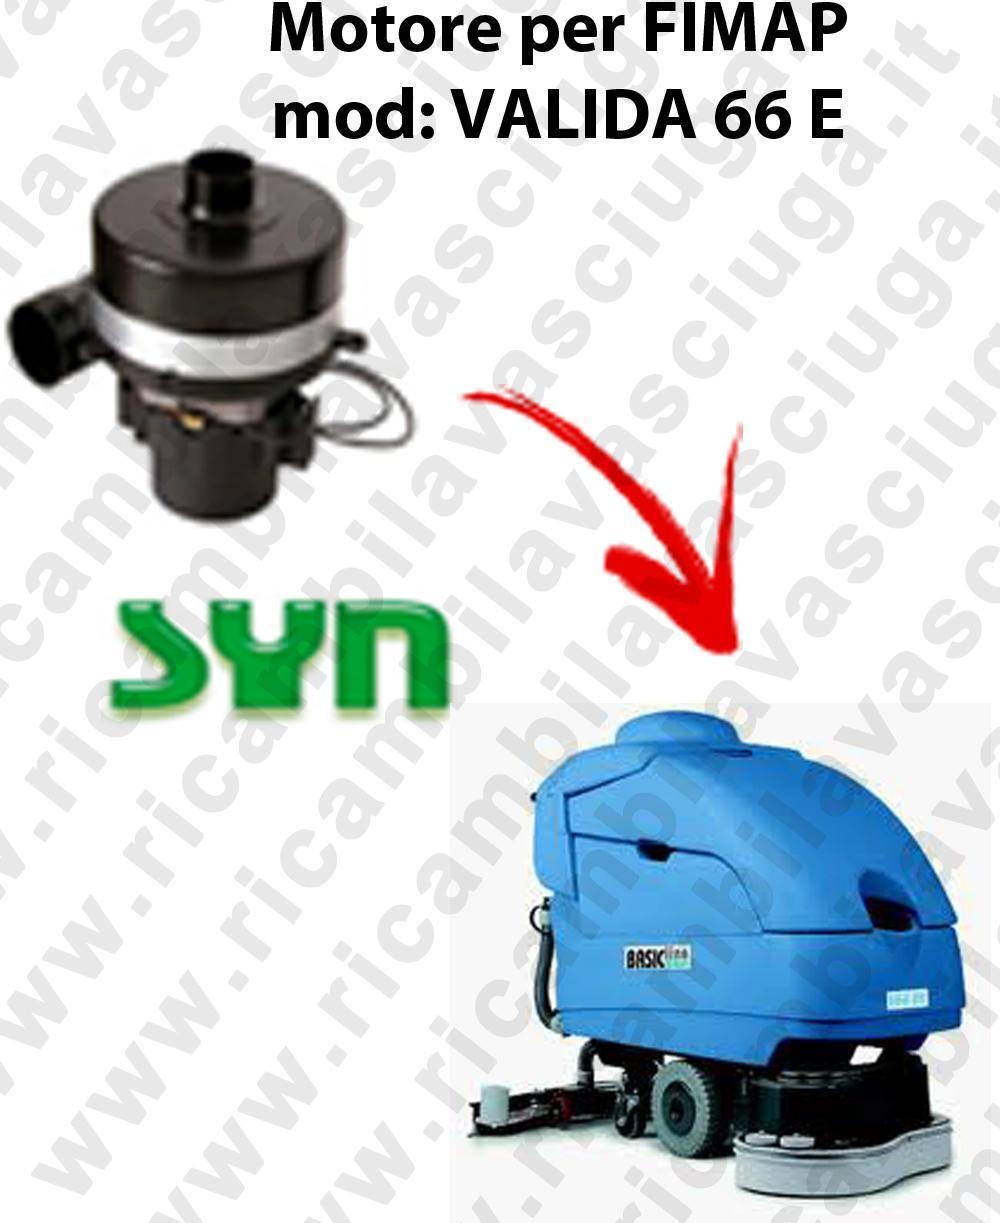 VALIDA 66 et MOTEUR SYN aspiration autolaveuses Fimap